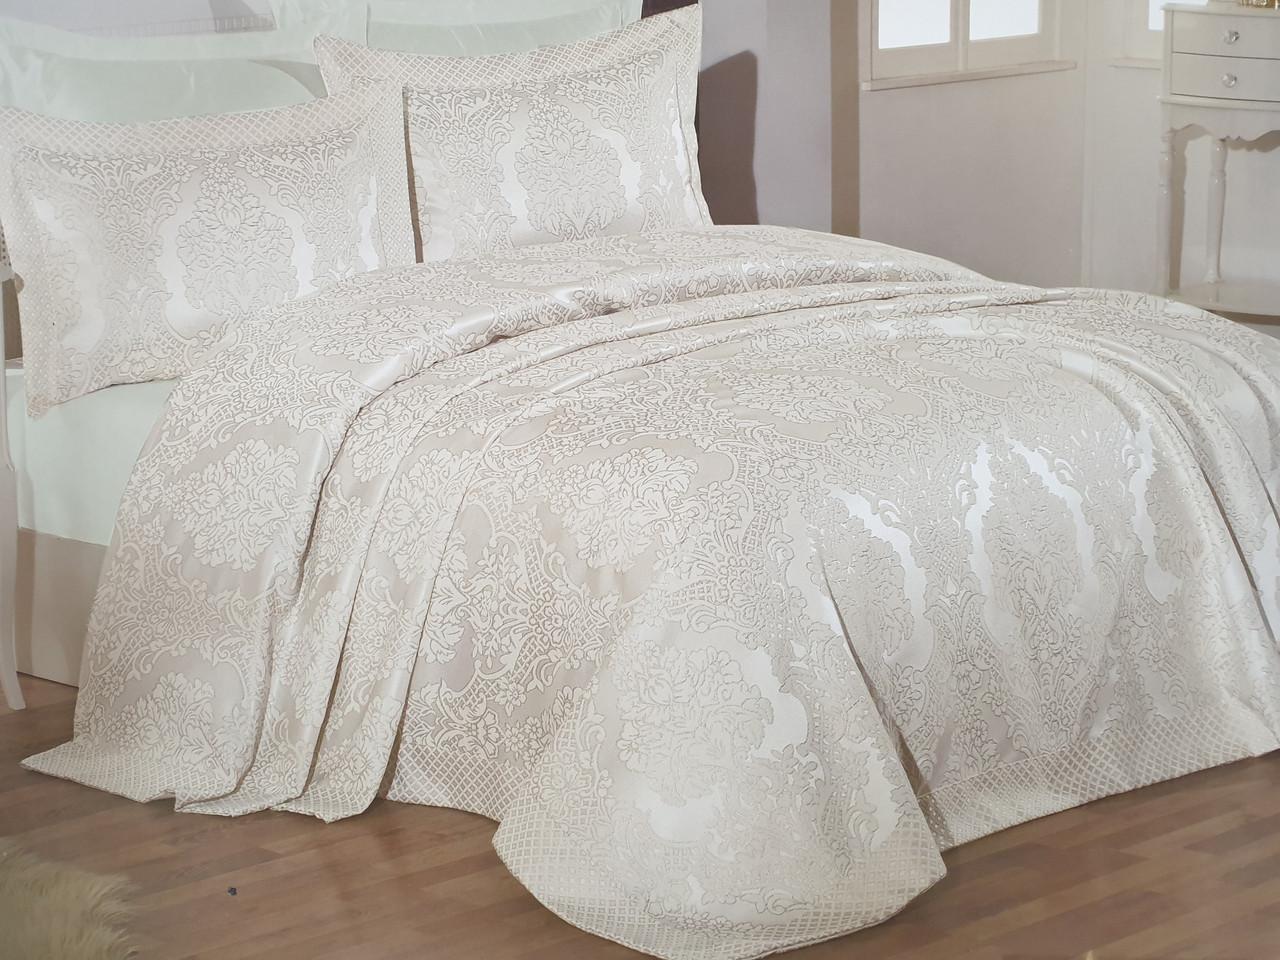 Жакардові покривало на ліжко Gardine's simao bej